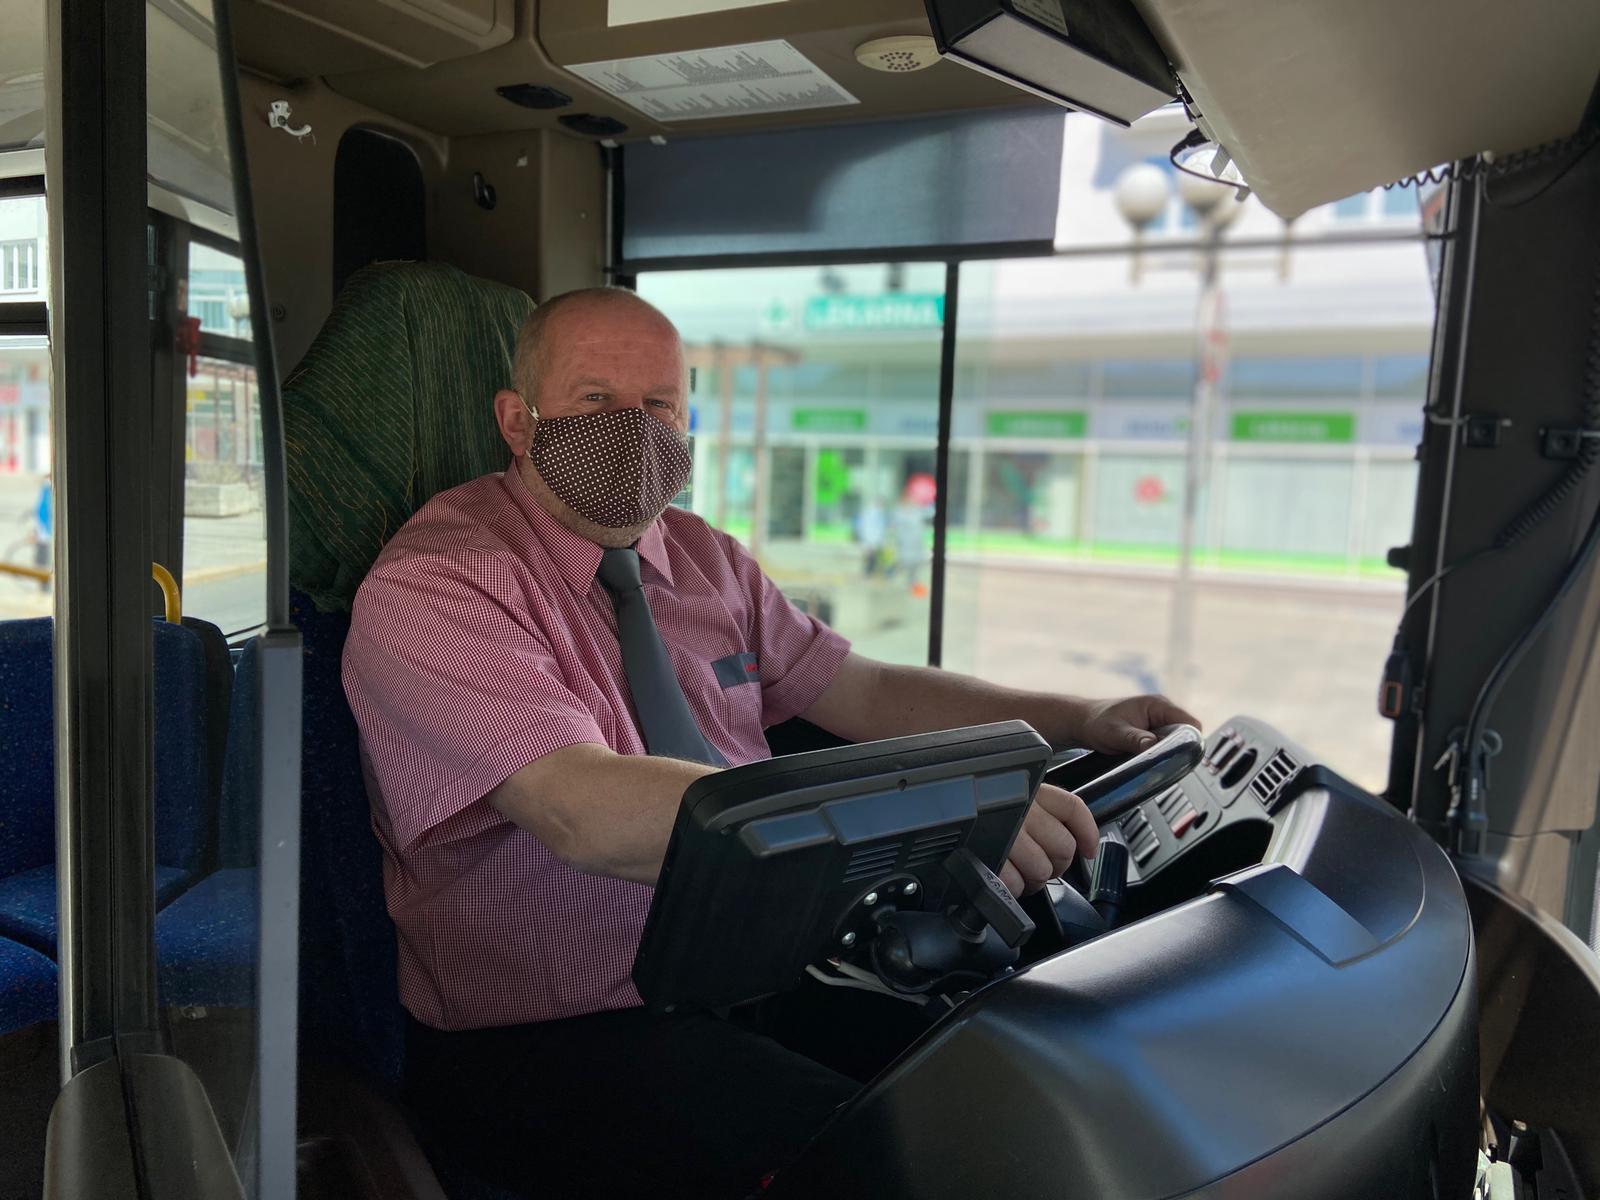 Náměstek ředitele MDPO, Pirát Jan Štěrba vypomáhá jako řidič autobusu.